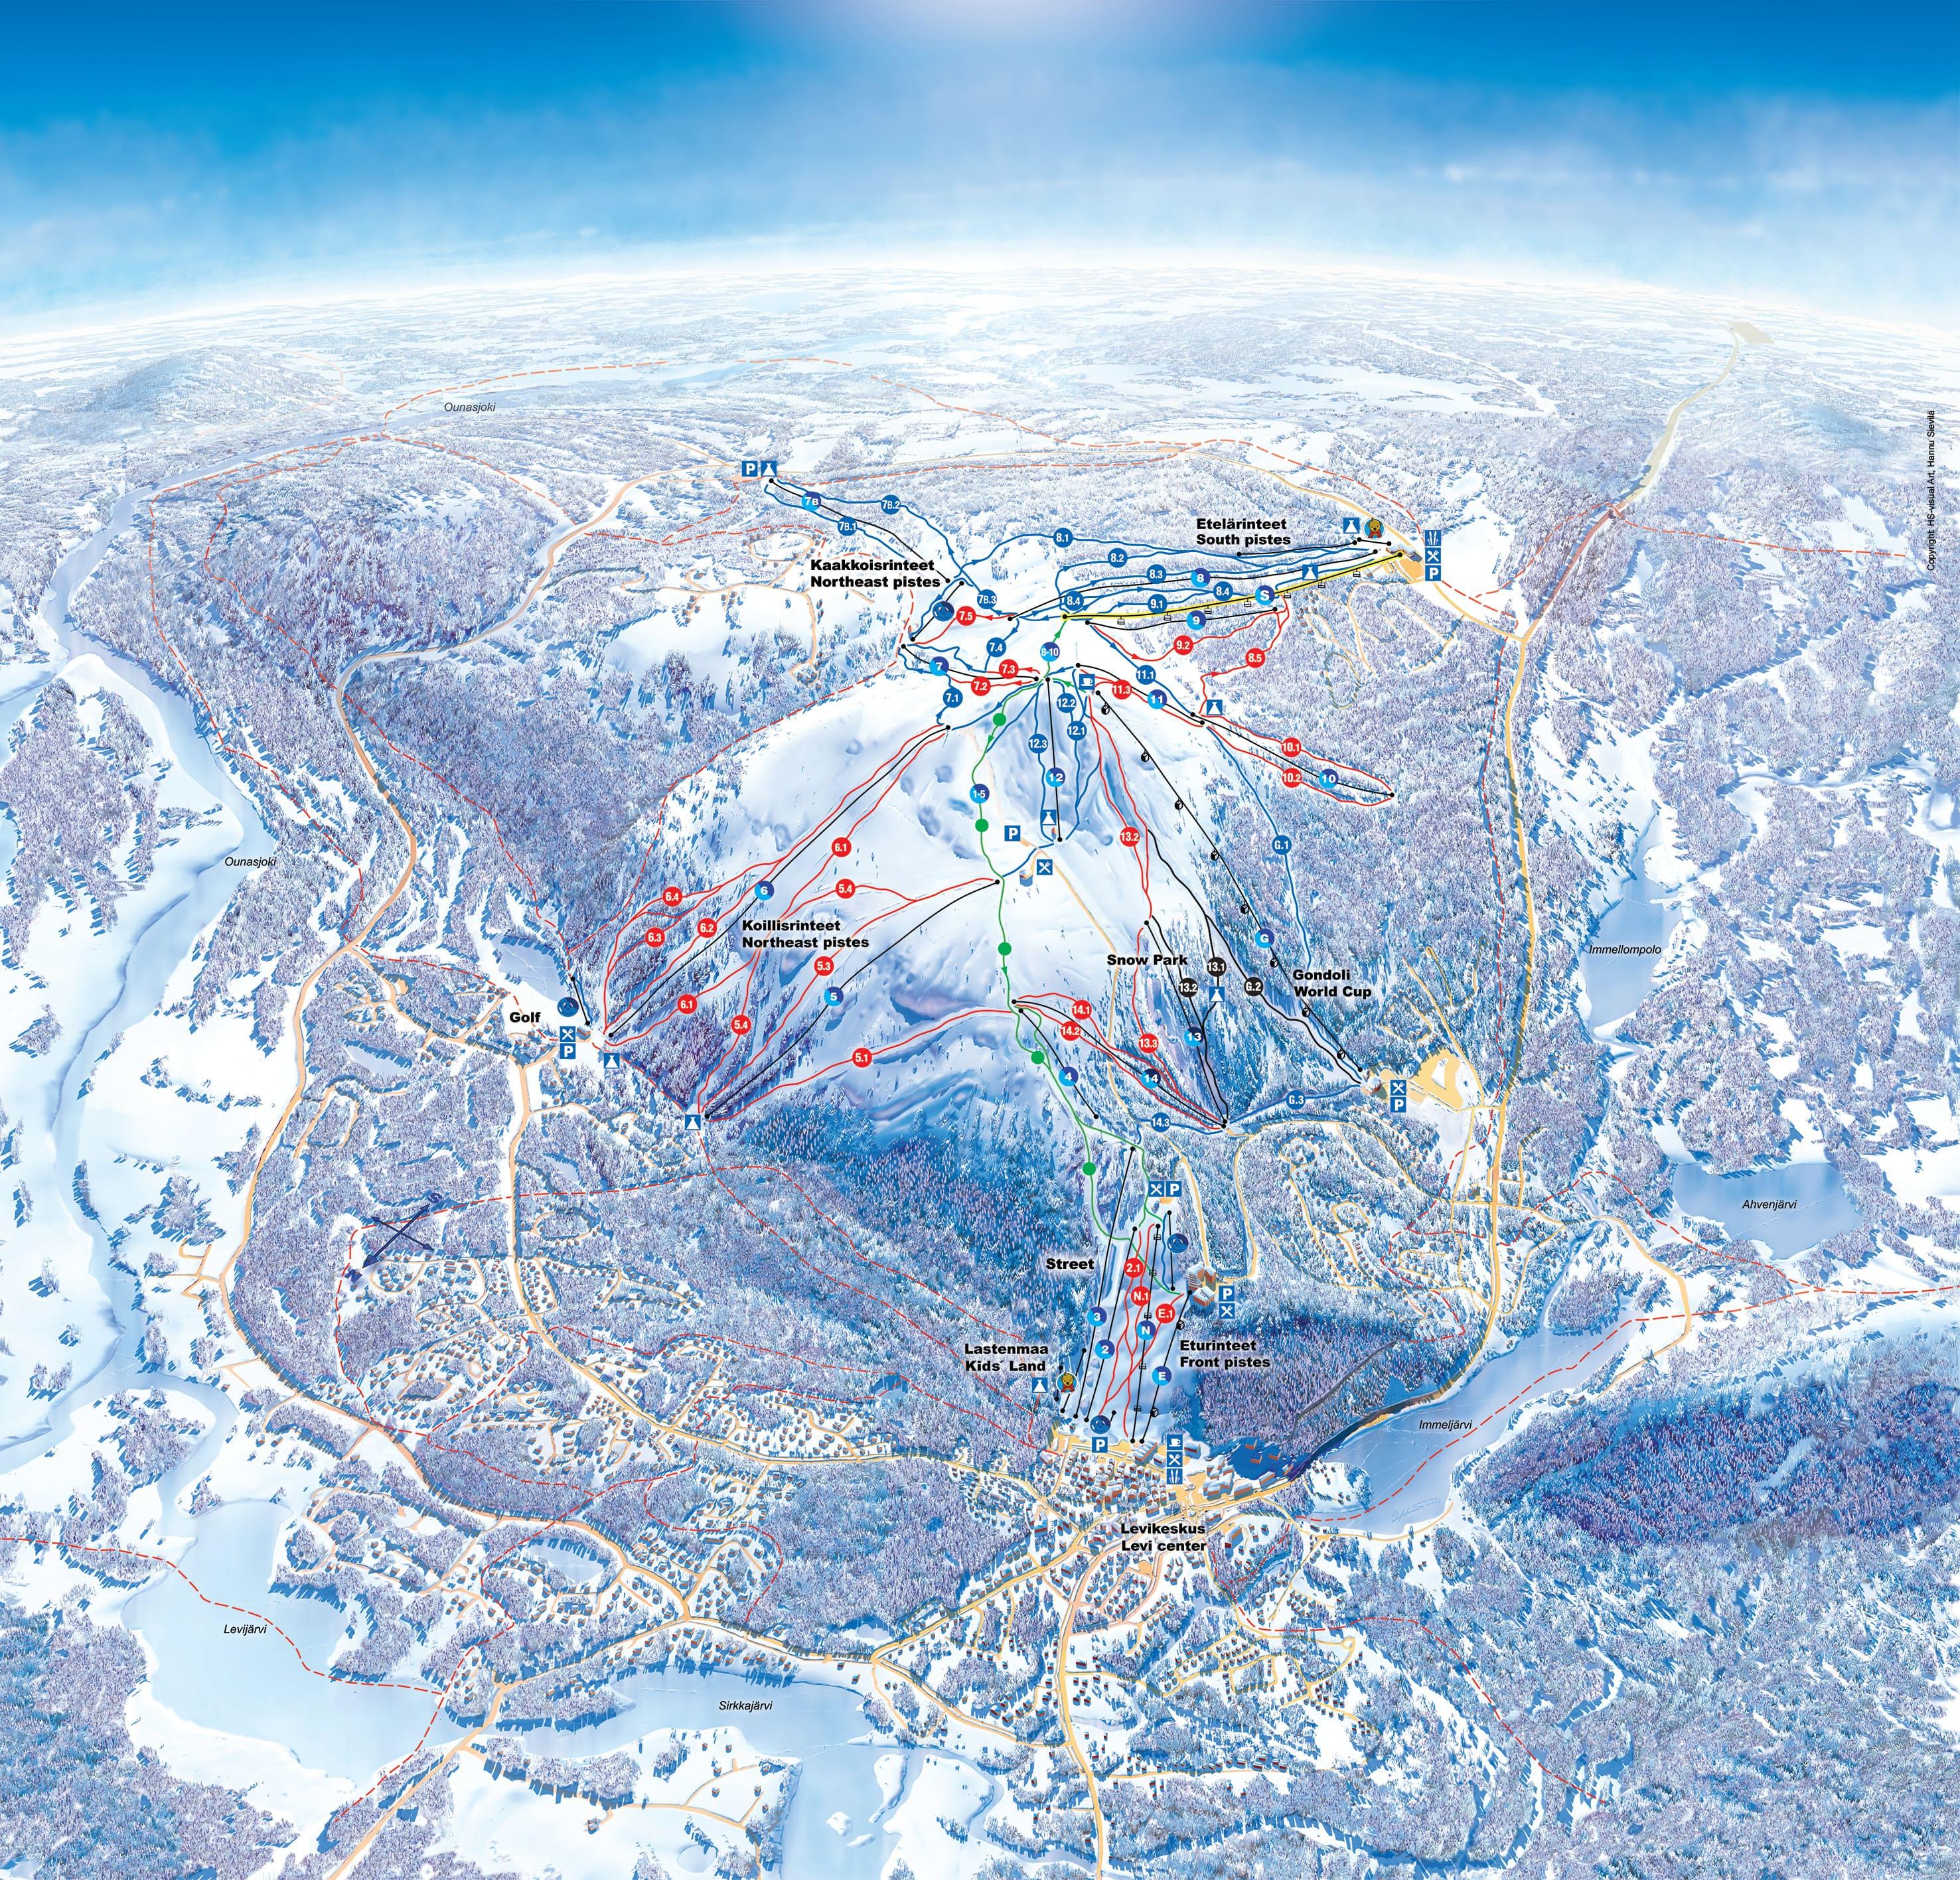 Levi Piste / Trail Map